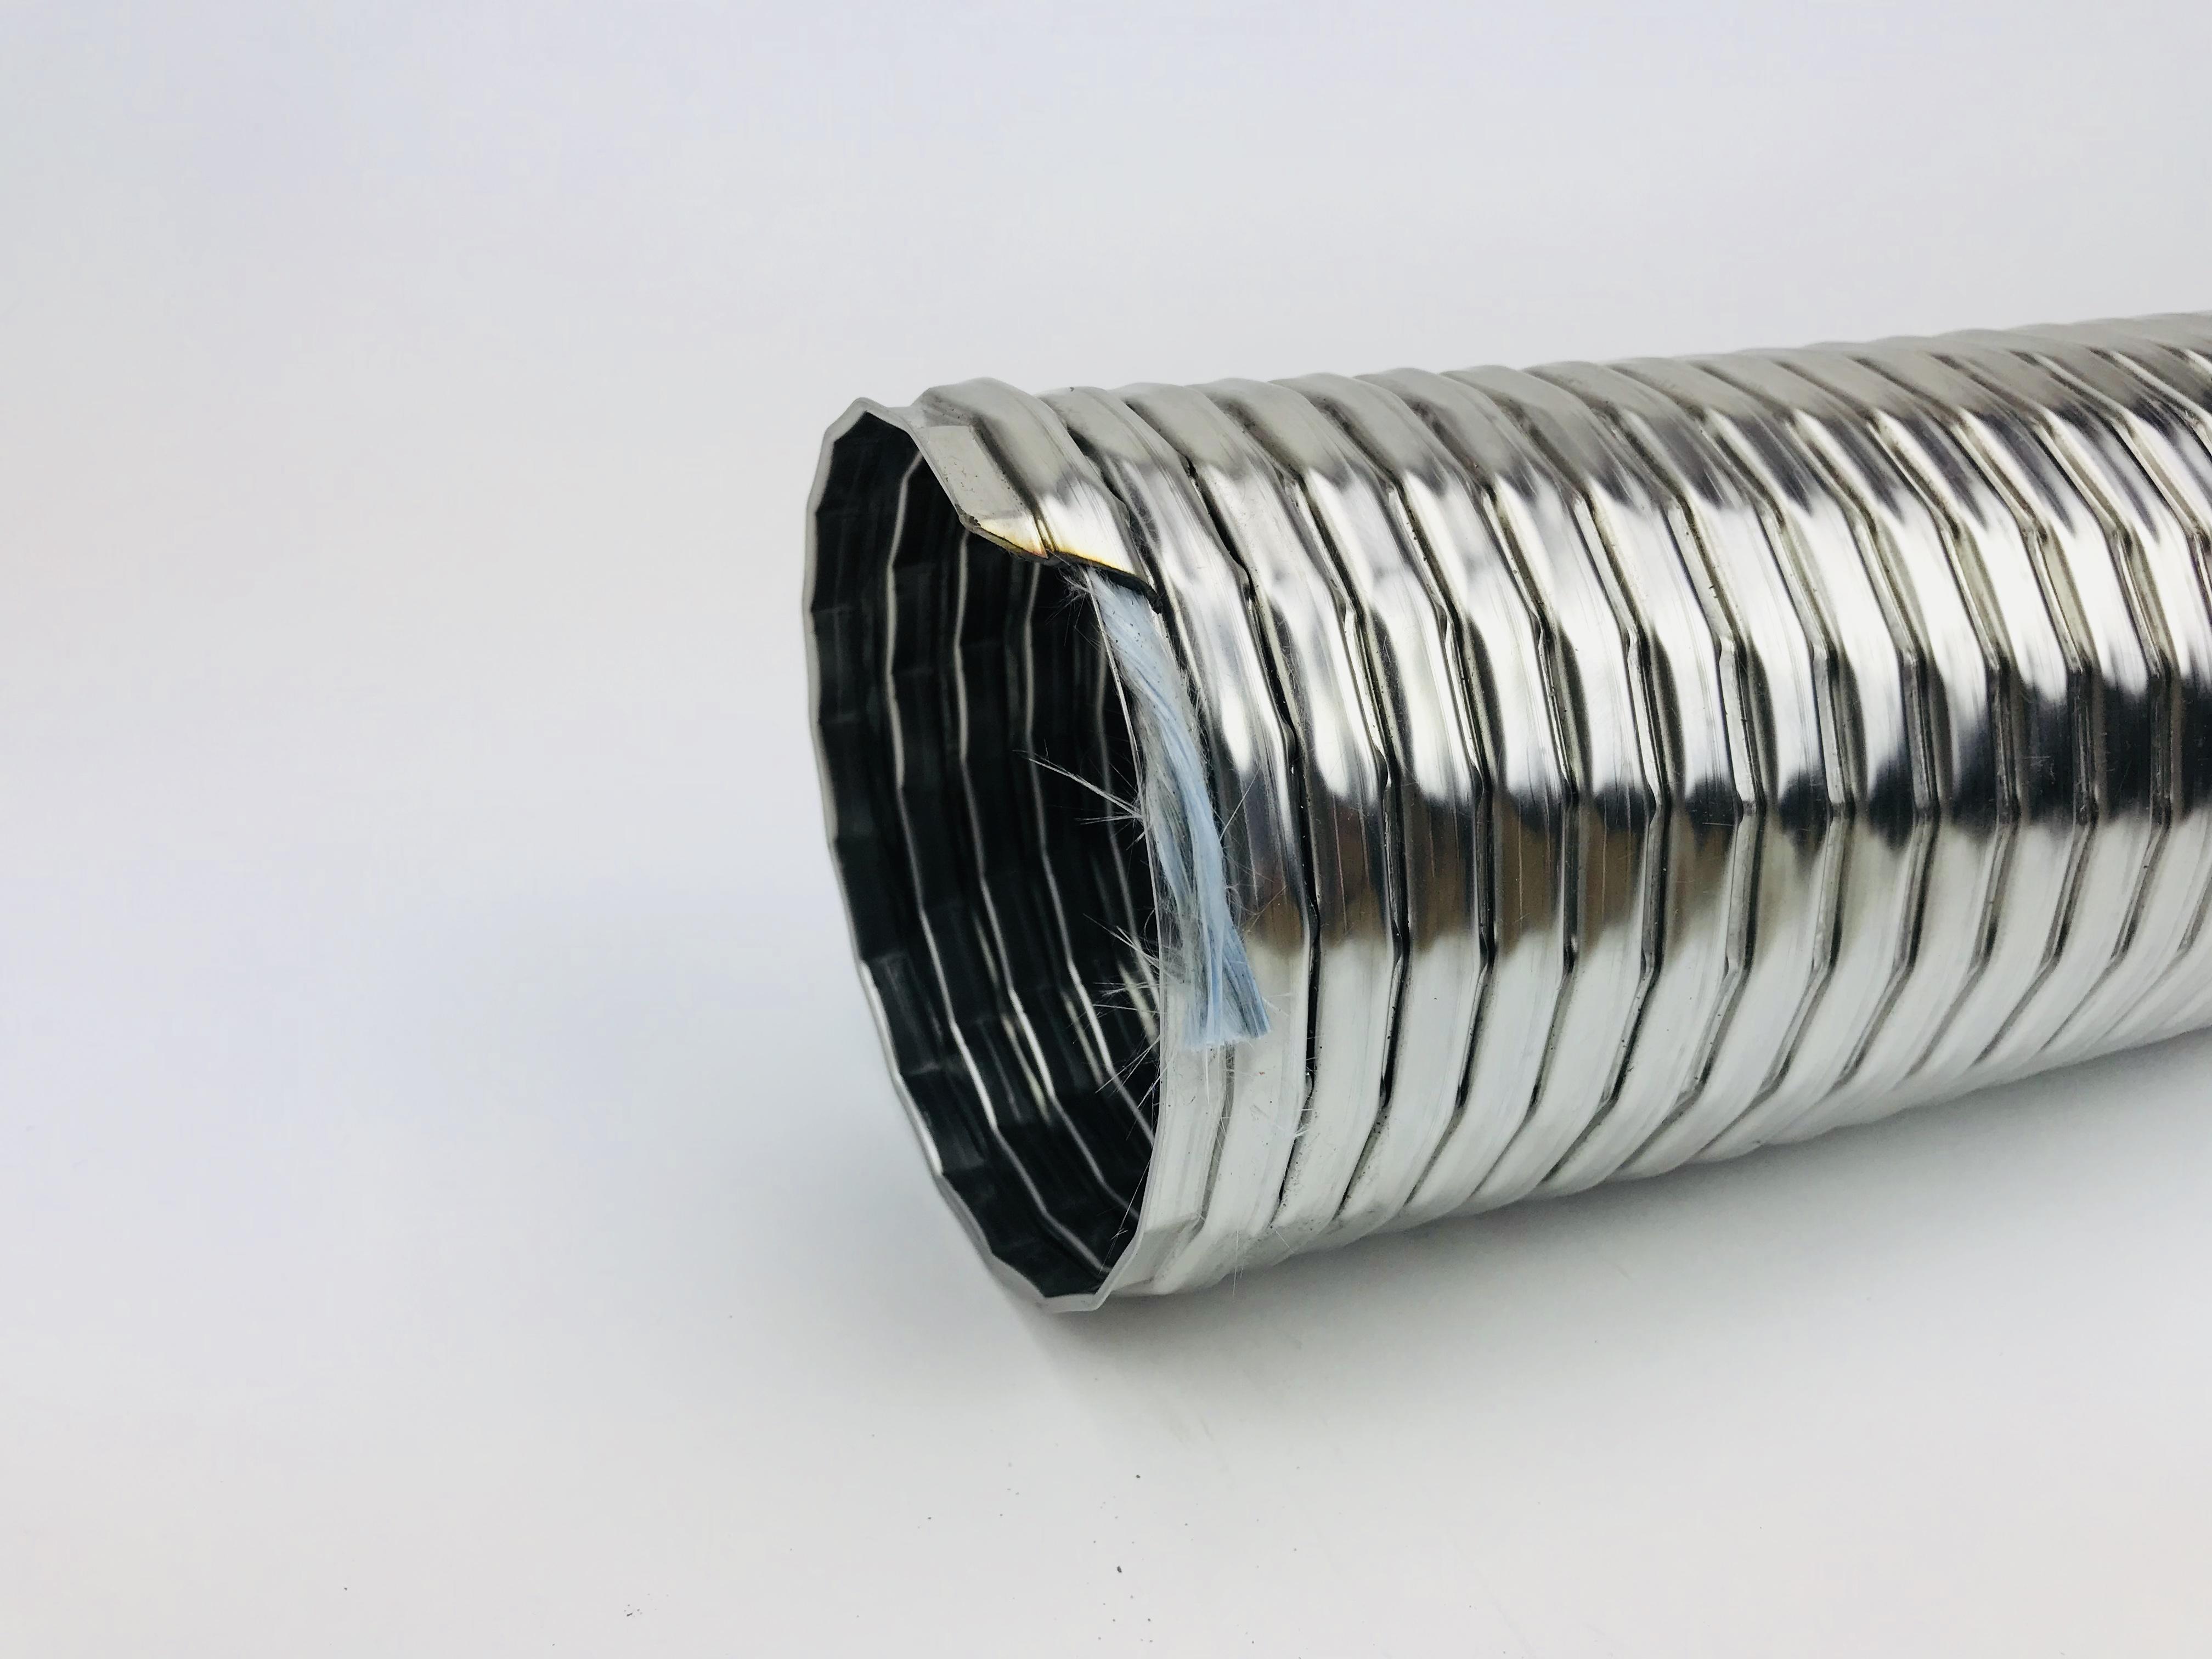 Ventilationsmetallschläuche aus rostfreiem Stahl